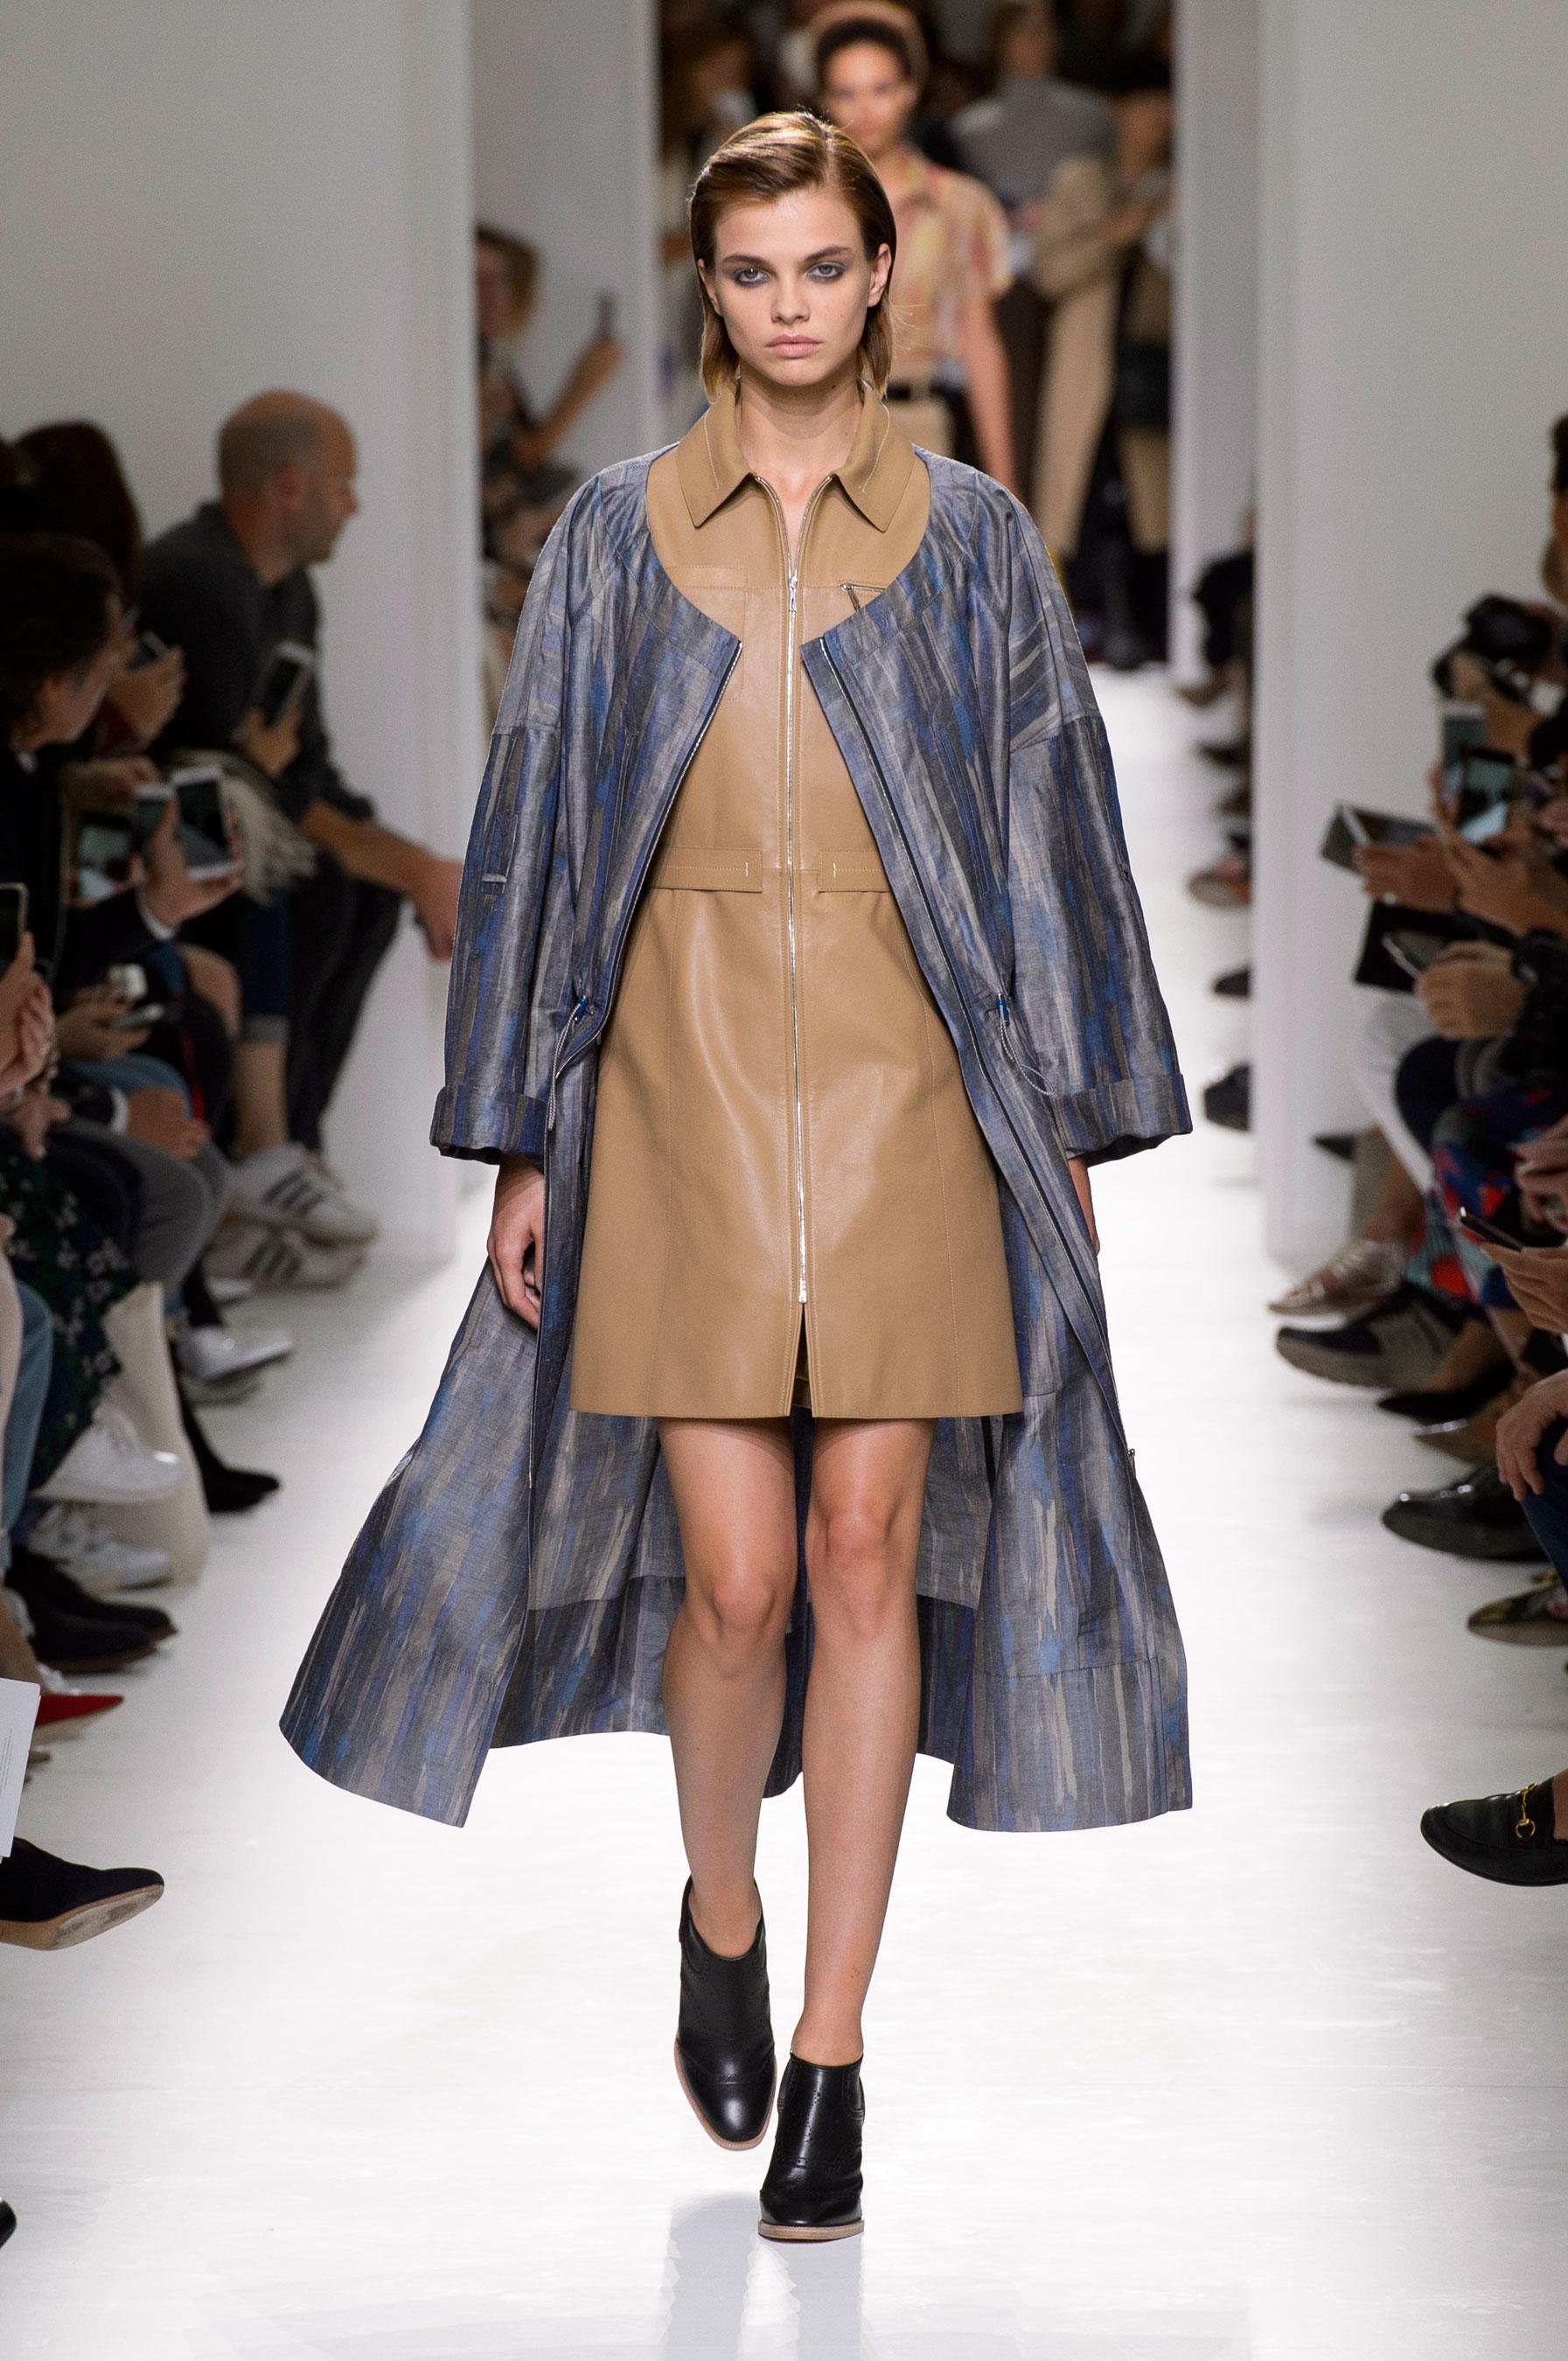 Défilé Hermès Prêt à porter printemps-été 2017 - Paris - Elle